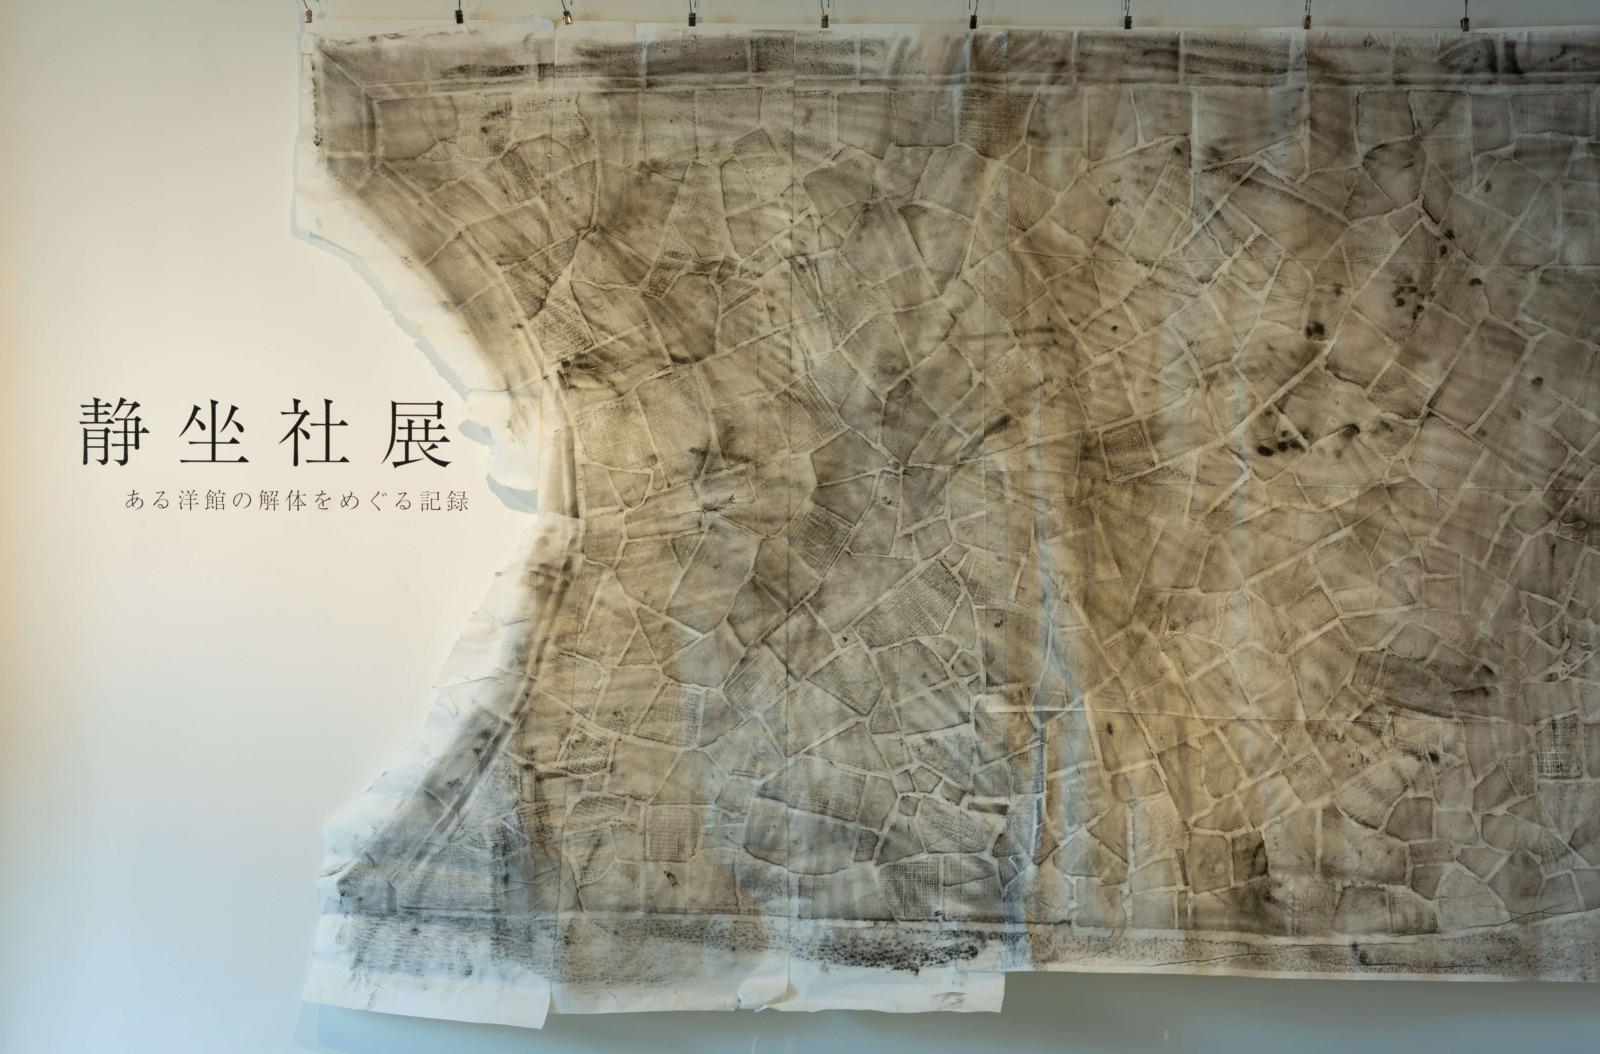 『静坐社展 – ある洋館の解体をめぐる記録』レポート